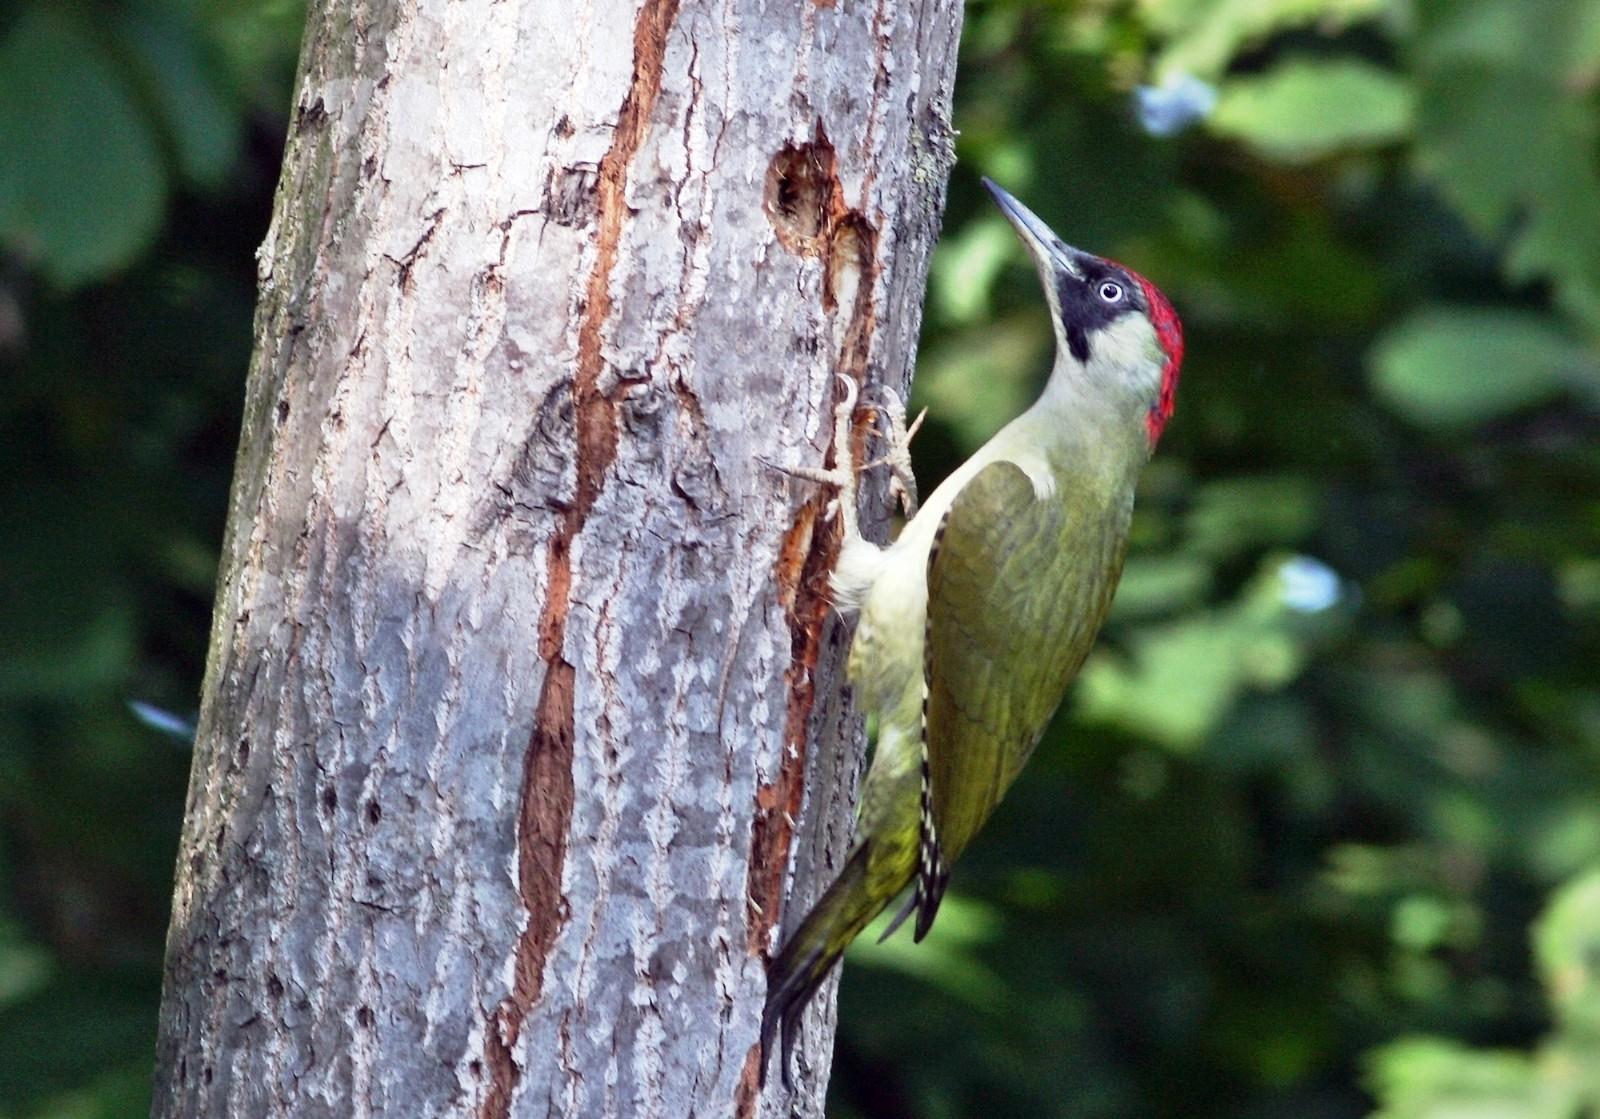 Hersek Lagününde yeşil ağaçkakan ile kuş tür sayısı 236'ya yükseldi